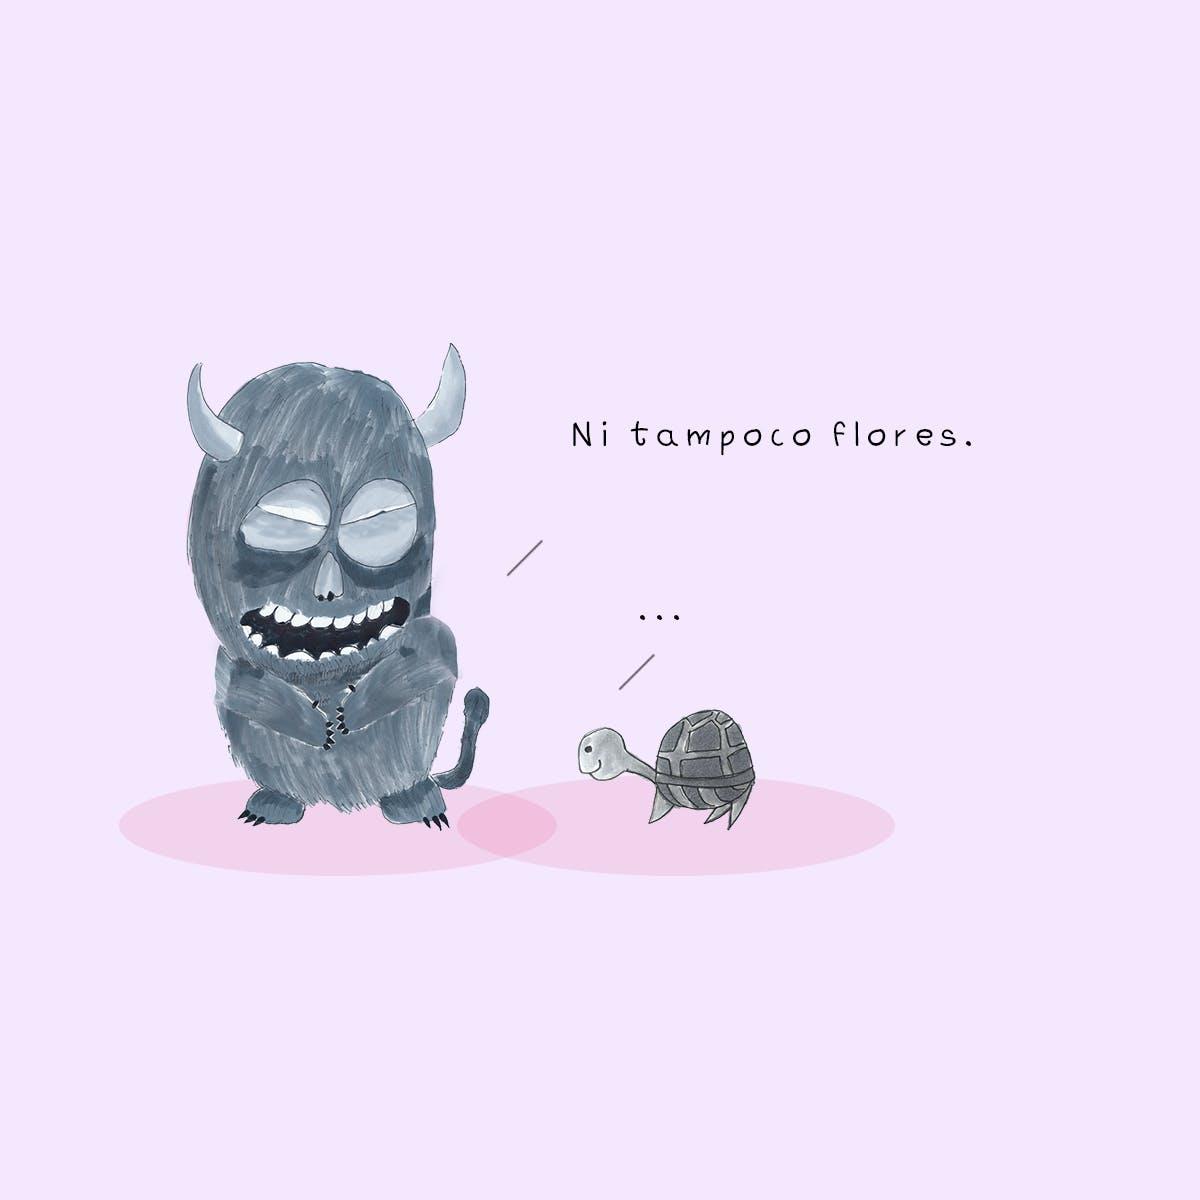 Garitma, Monstruo riendo hablando con tortuga, cómic dibujo marcador sobre papel